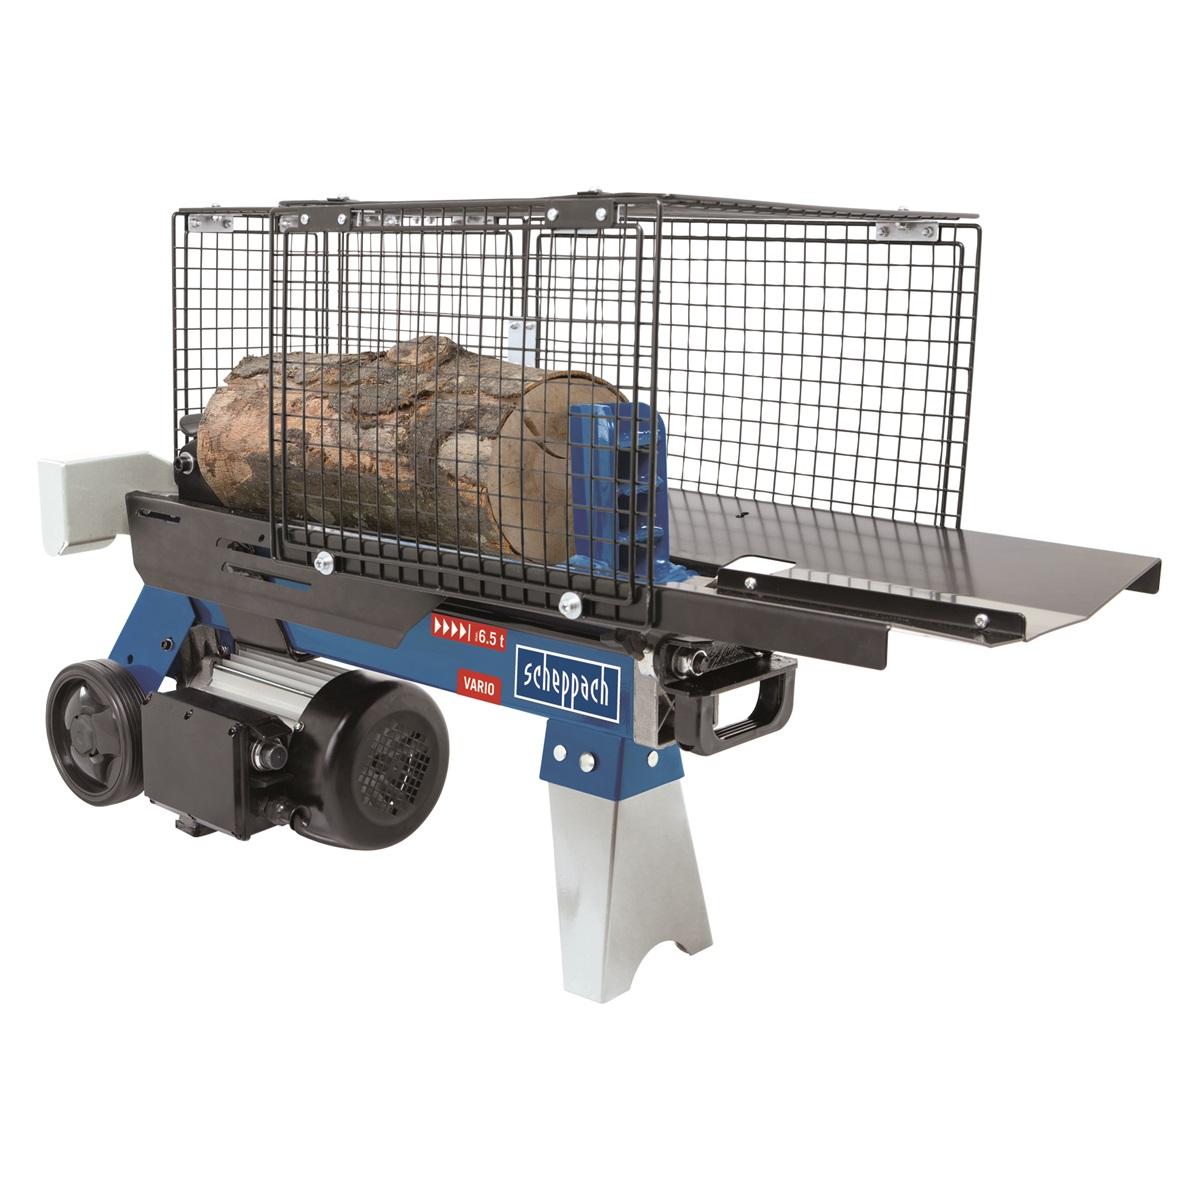 Scheppach HL 660 o horizontální štípač na dřevo 6,5t + servis EXTRA